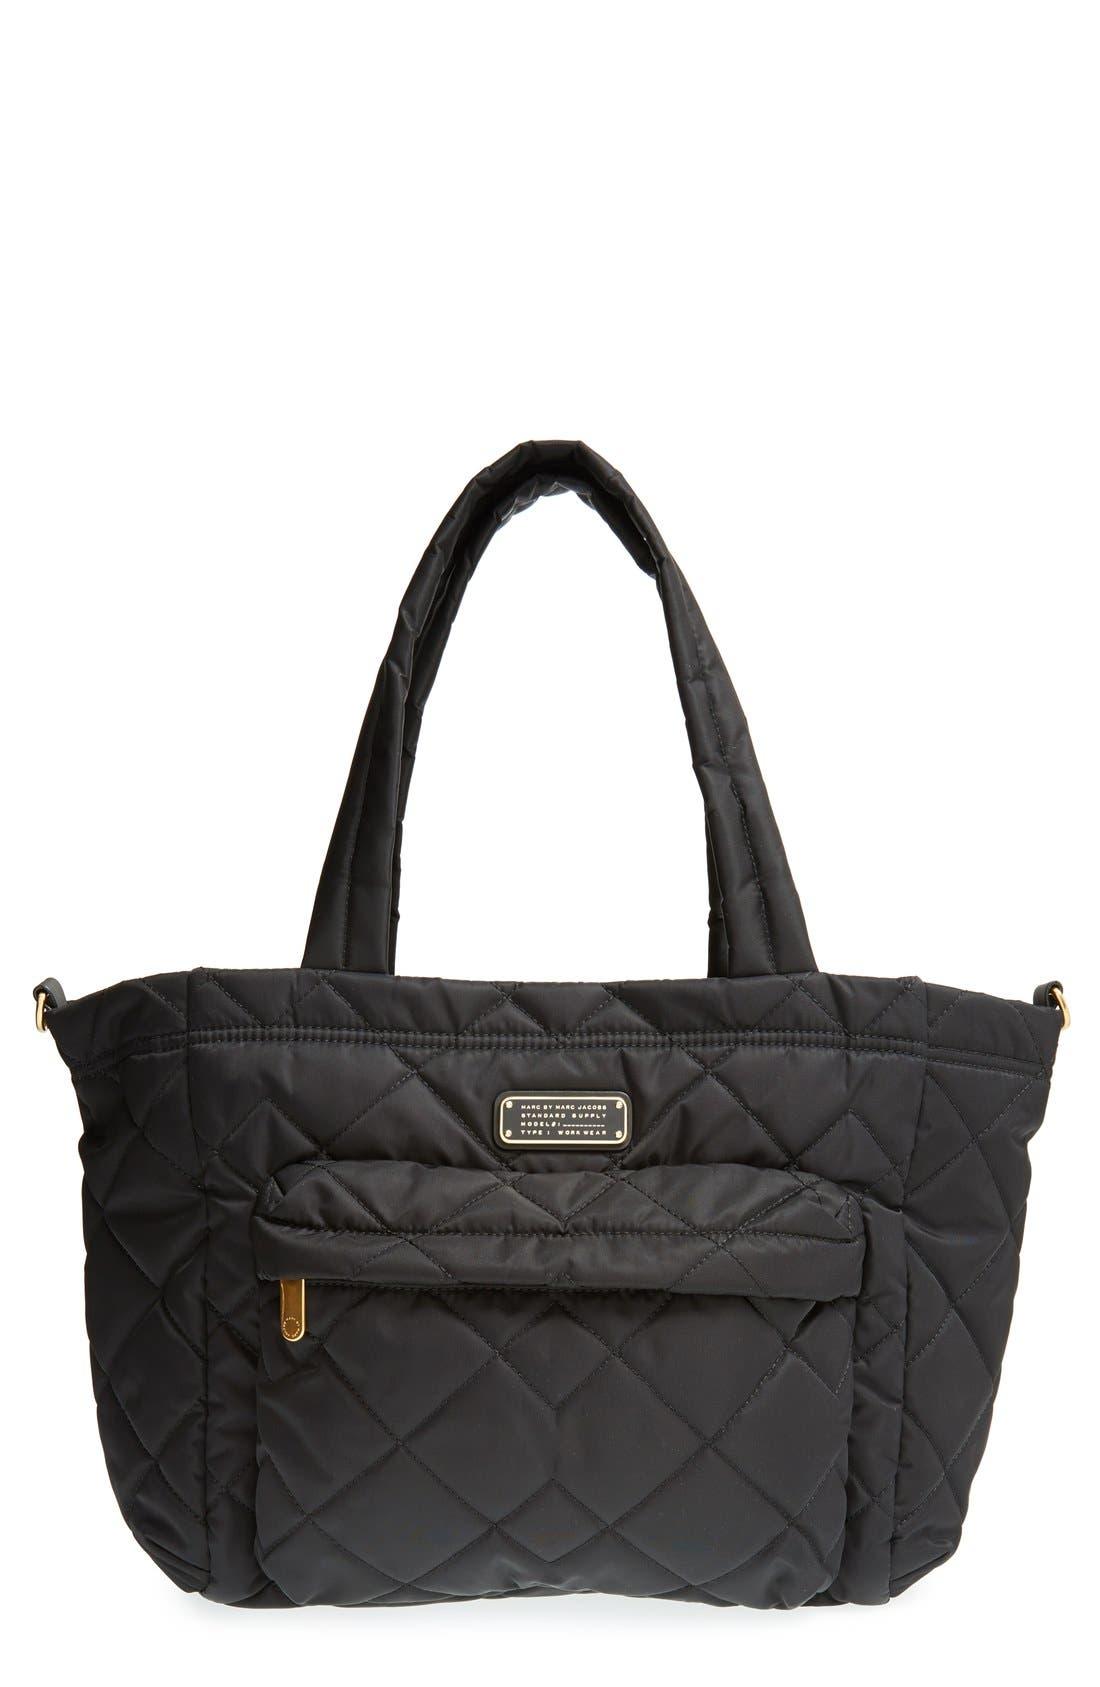 Baby Bag Marc Jacobs Www Pixshark Com Images Galleries